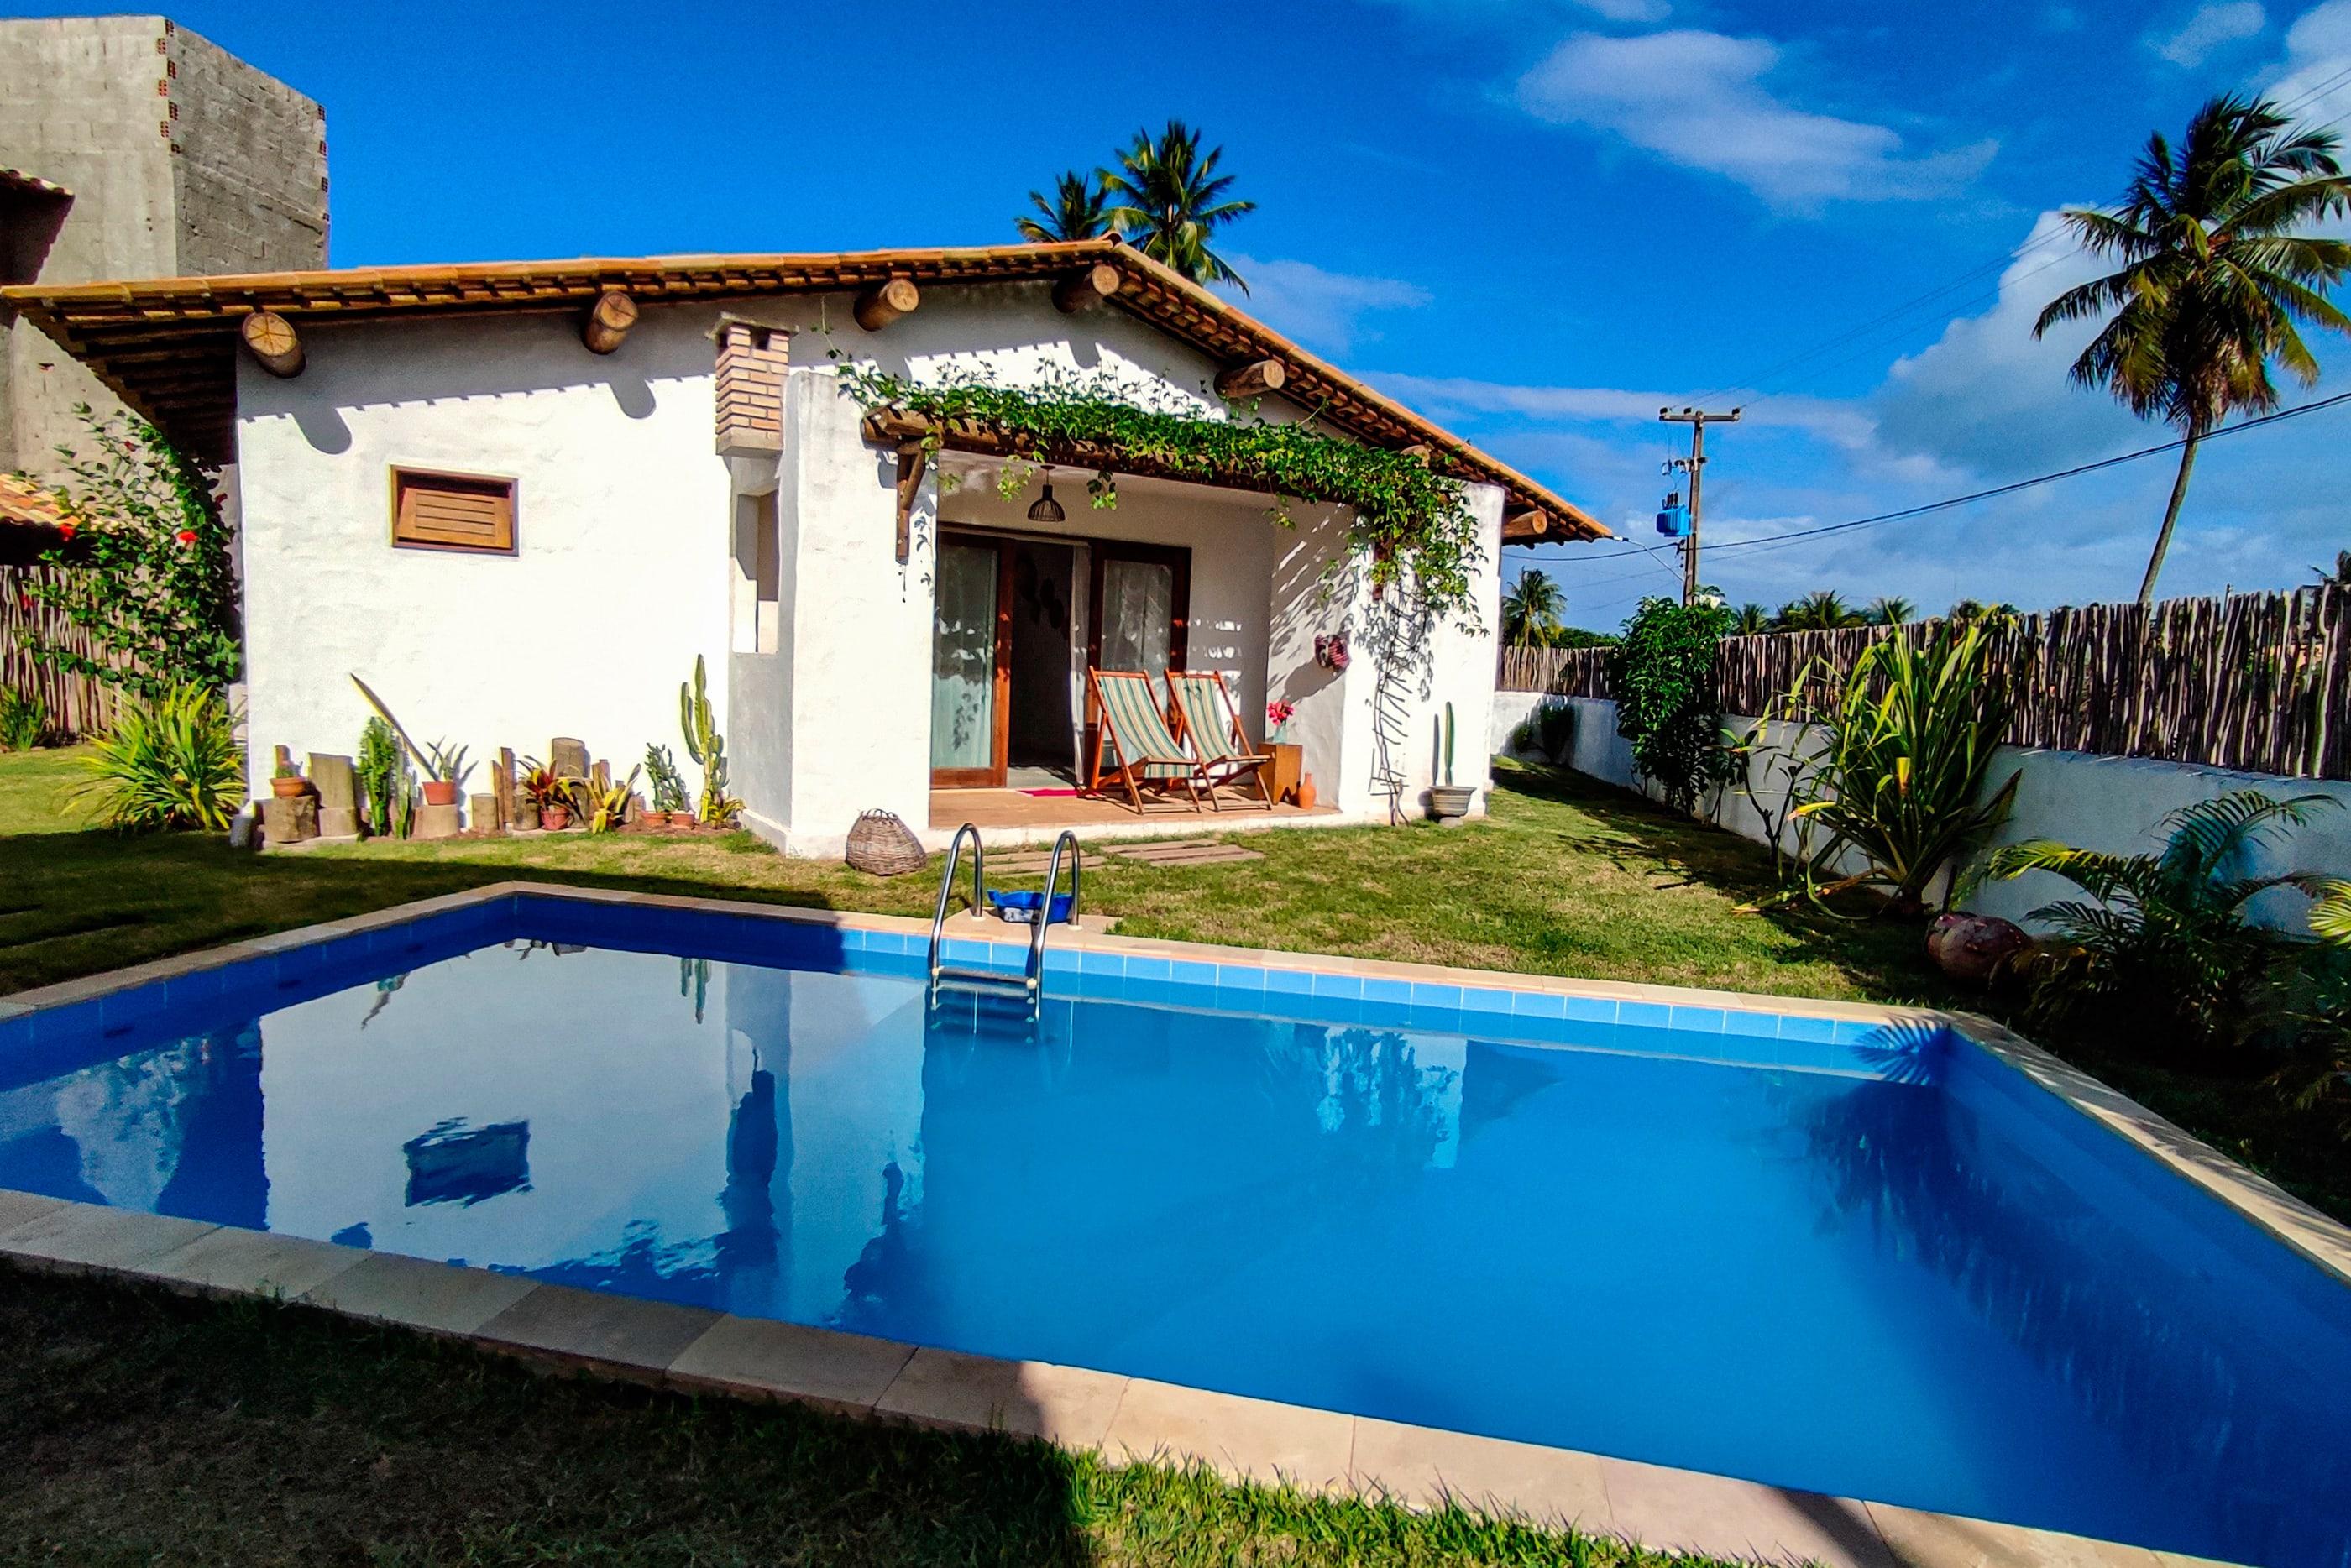 Casa deliciosa no Pontal da Enseada, Rota dos Mila Ferienhaus in Brasilien